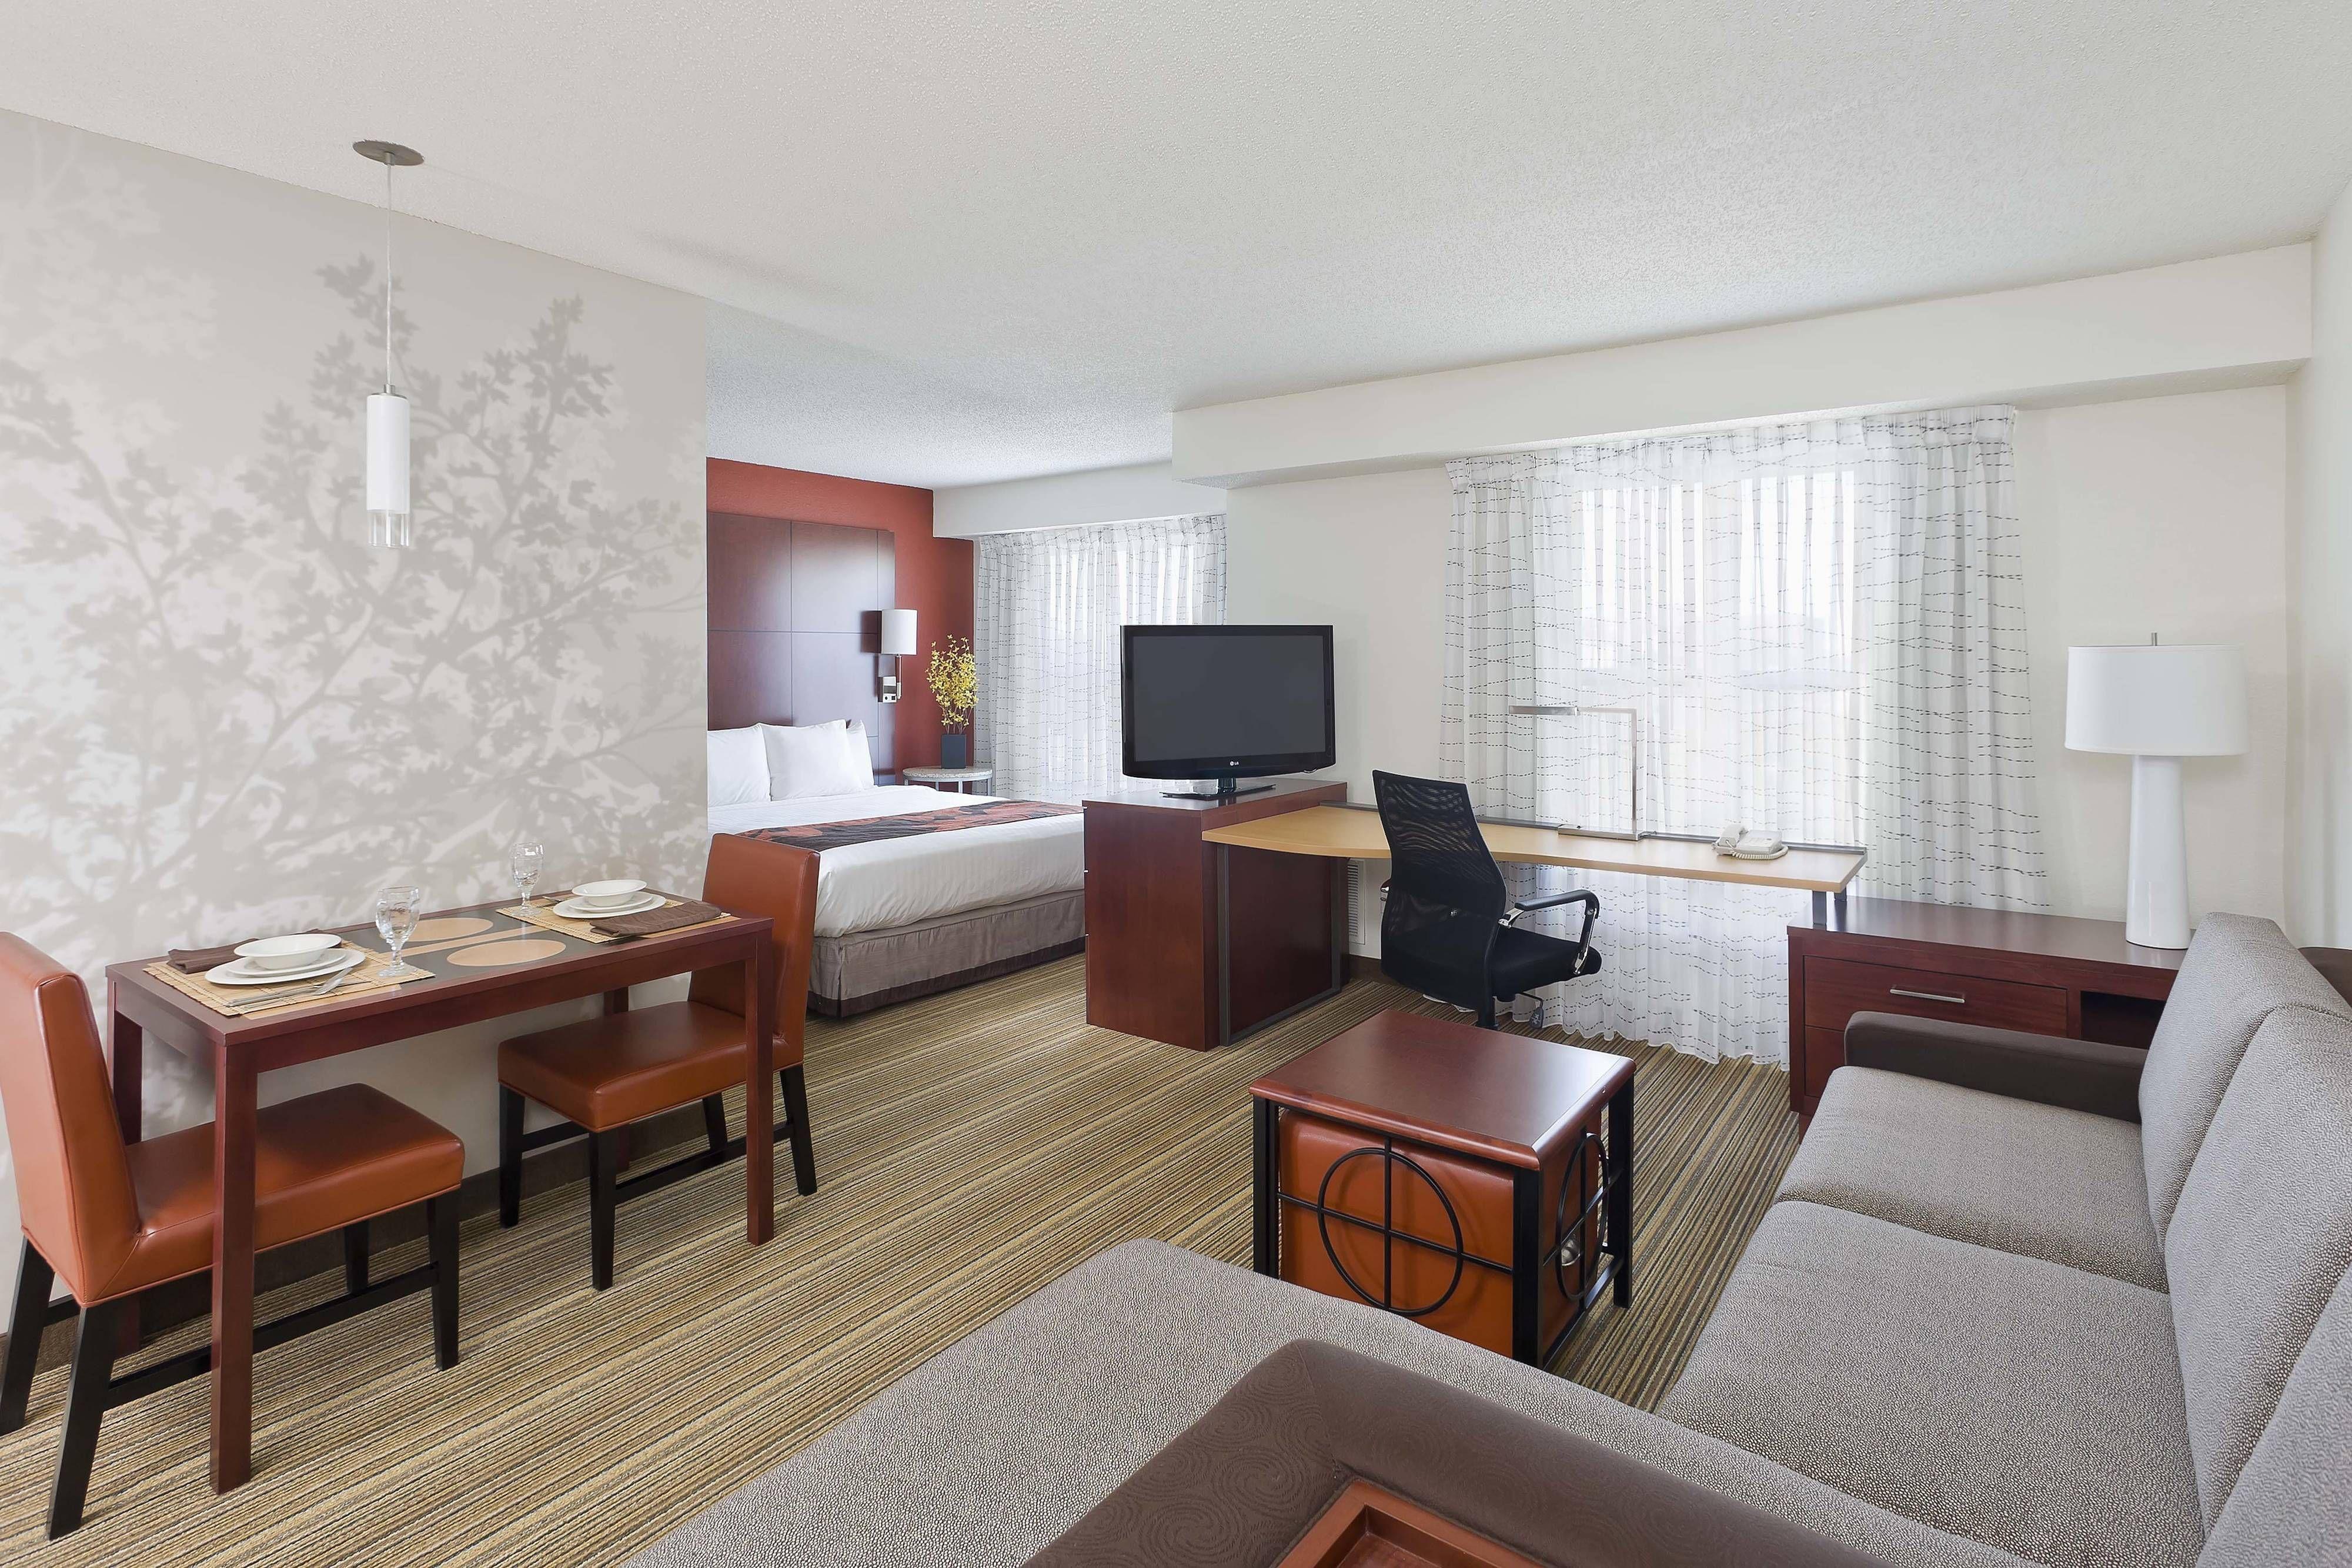 Residence Inn Waco Studio Suite Guestroom Hotels Hotel